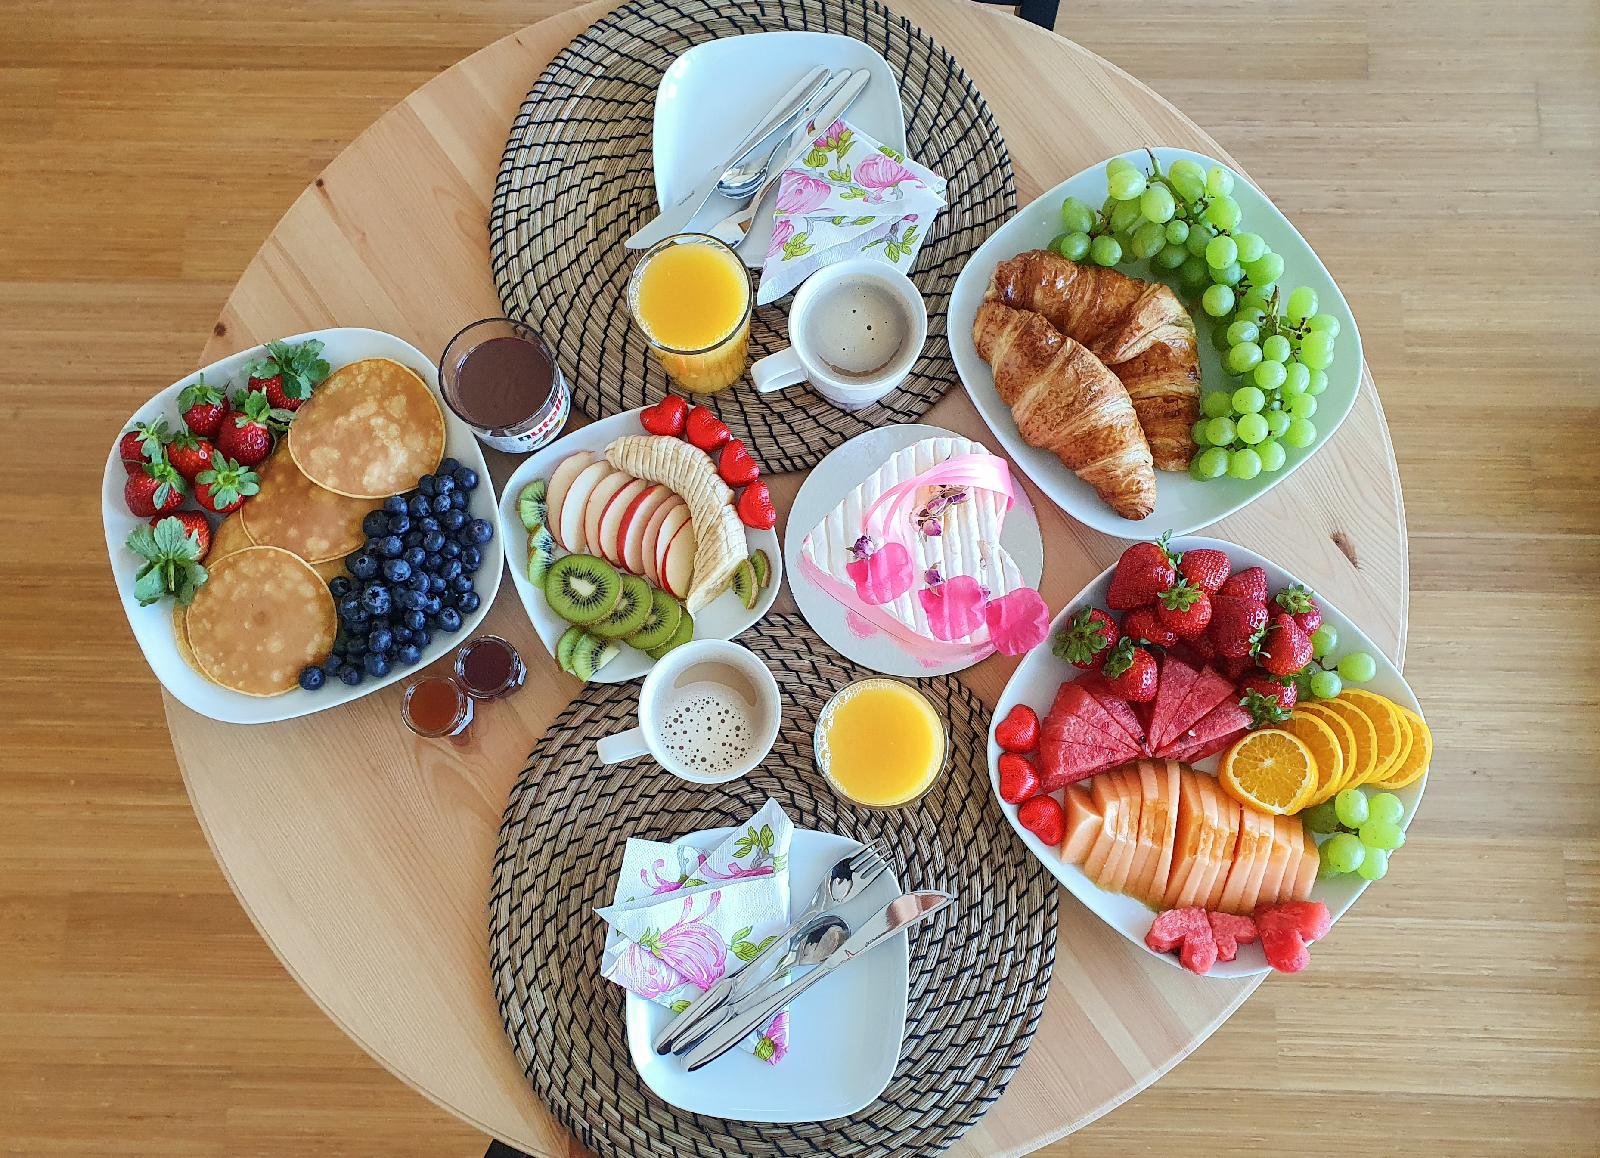 Valentine's Day Breakfast served